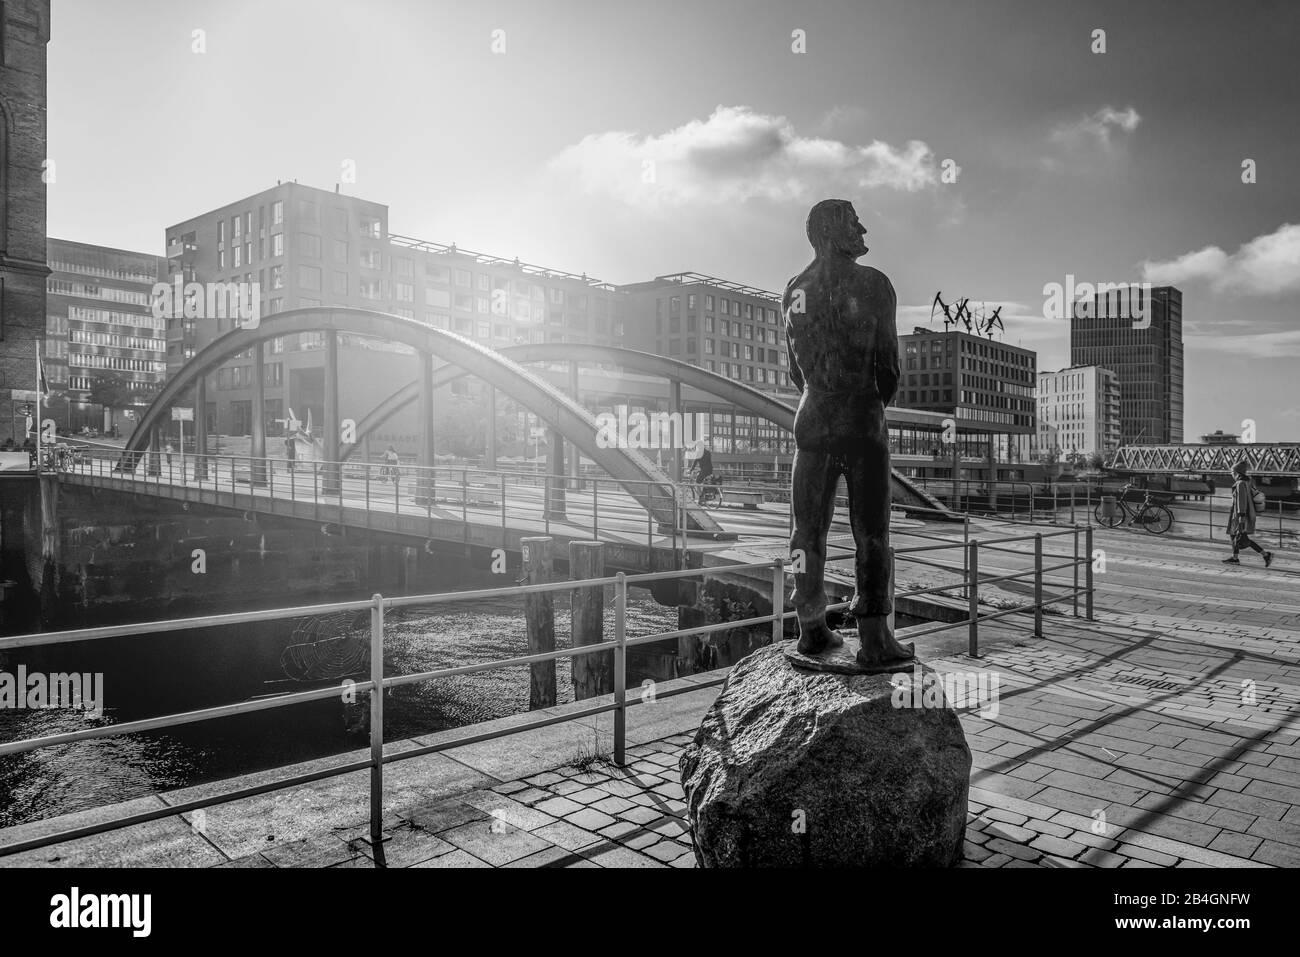 Deutschland, Hamburg, Elbe, Hafen, Hafencity, Brücke, Busan-Brücke, Denkmal, Störtebeker Stock Photo